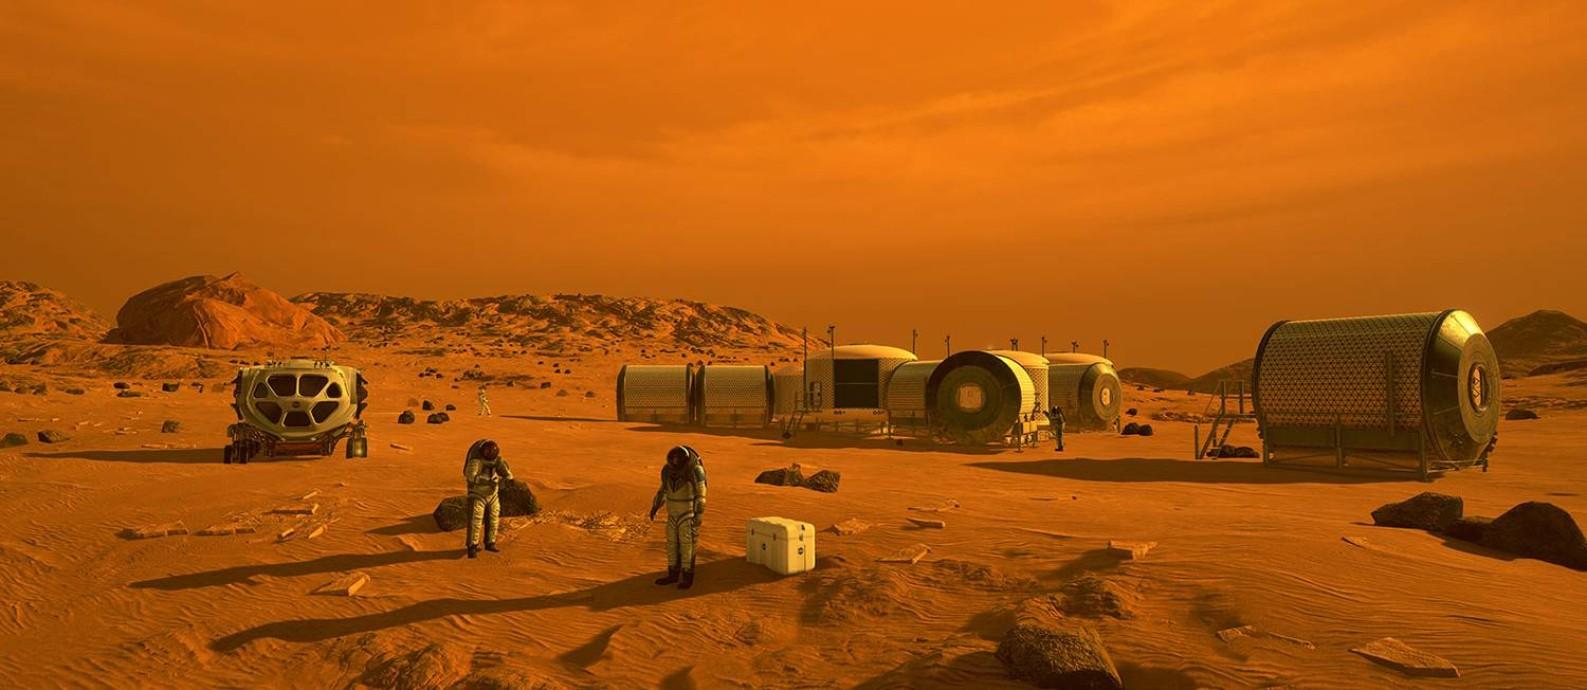 Ilustração de base para exploração de Marte: muitos avanços serão necessários para transformar ficção em realidade Foto: Nasa